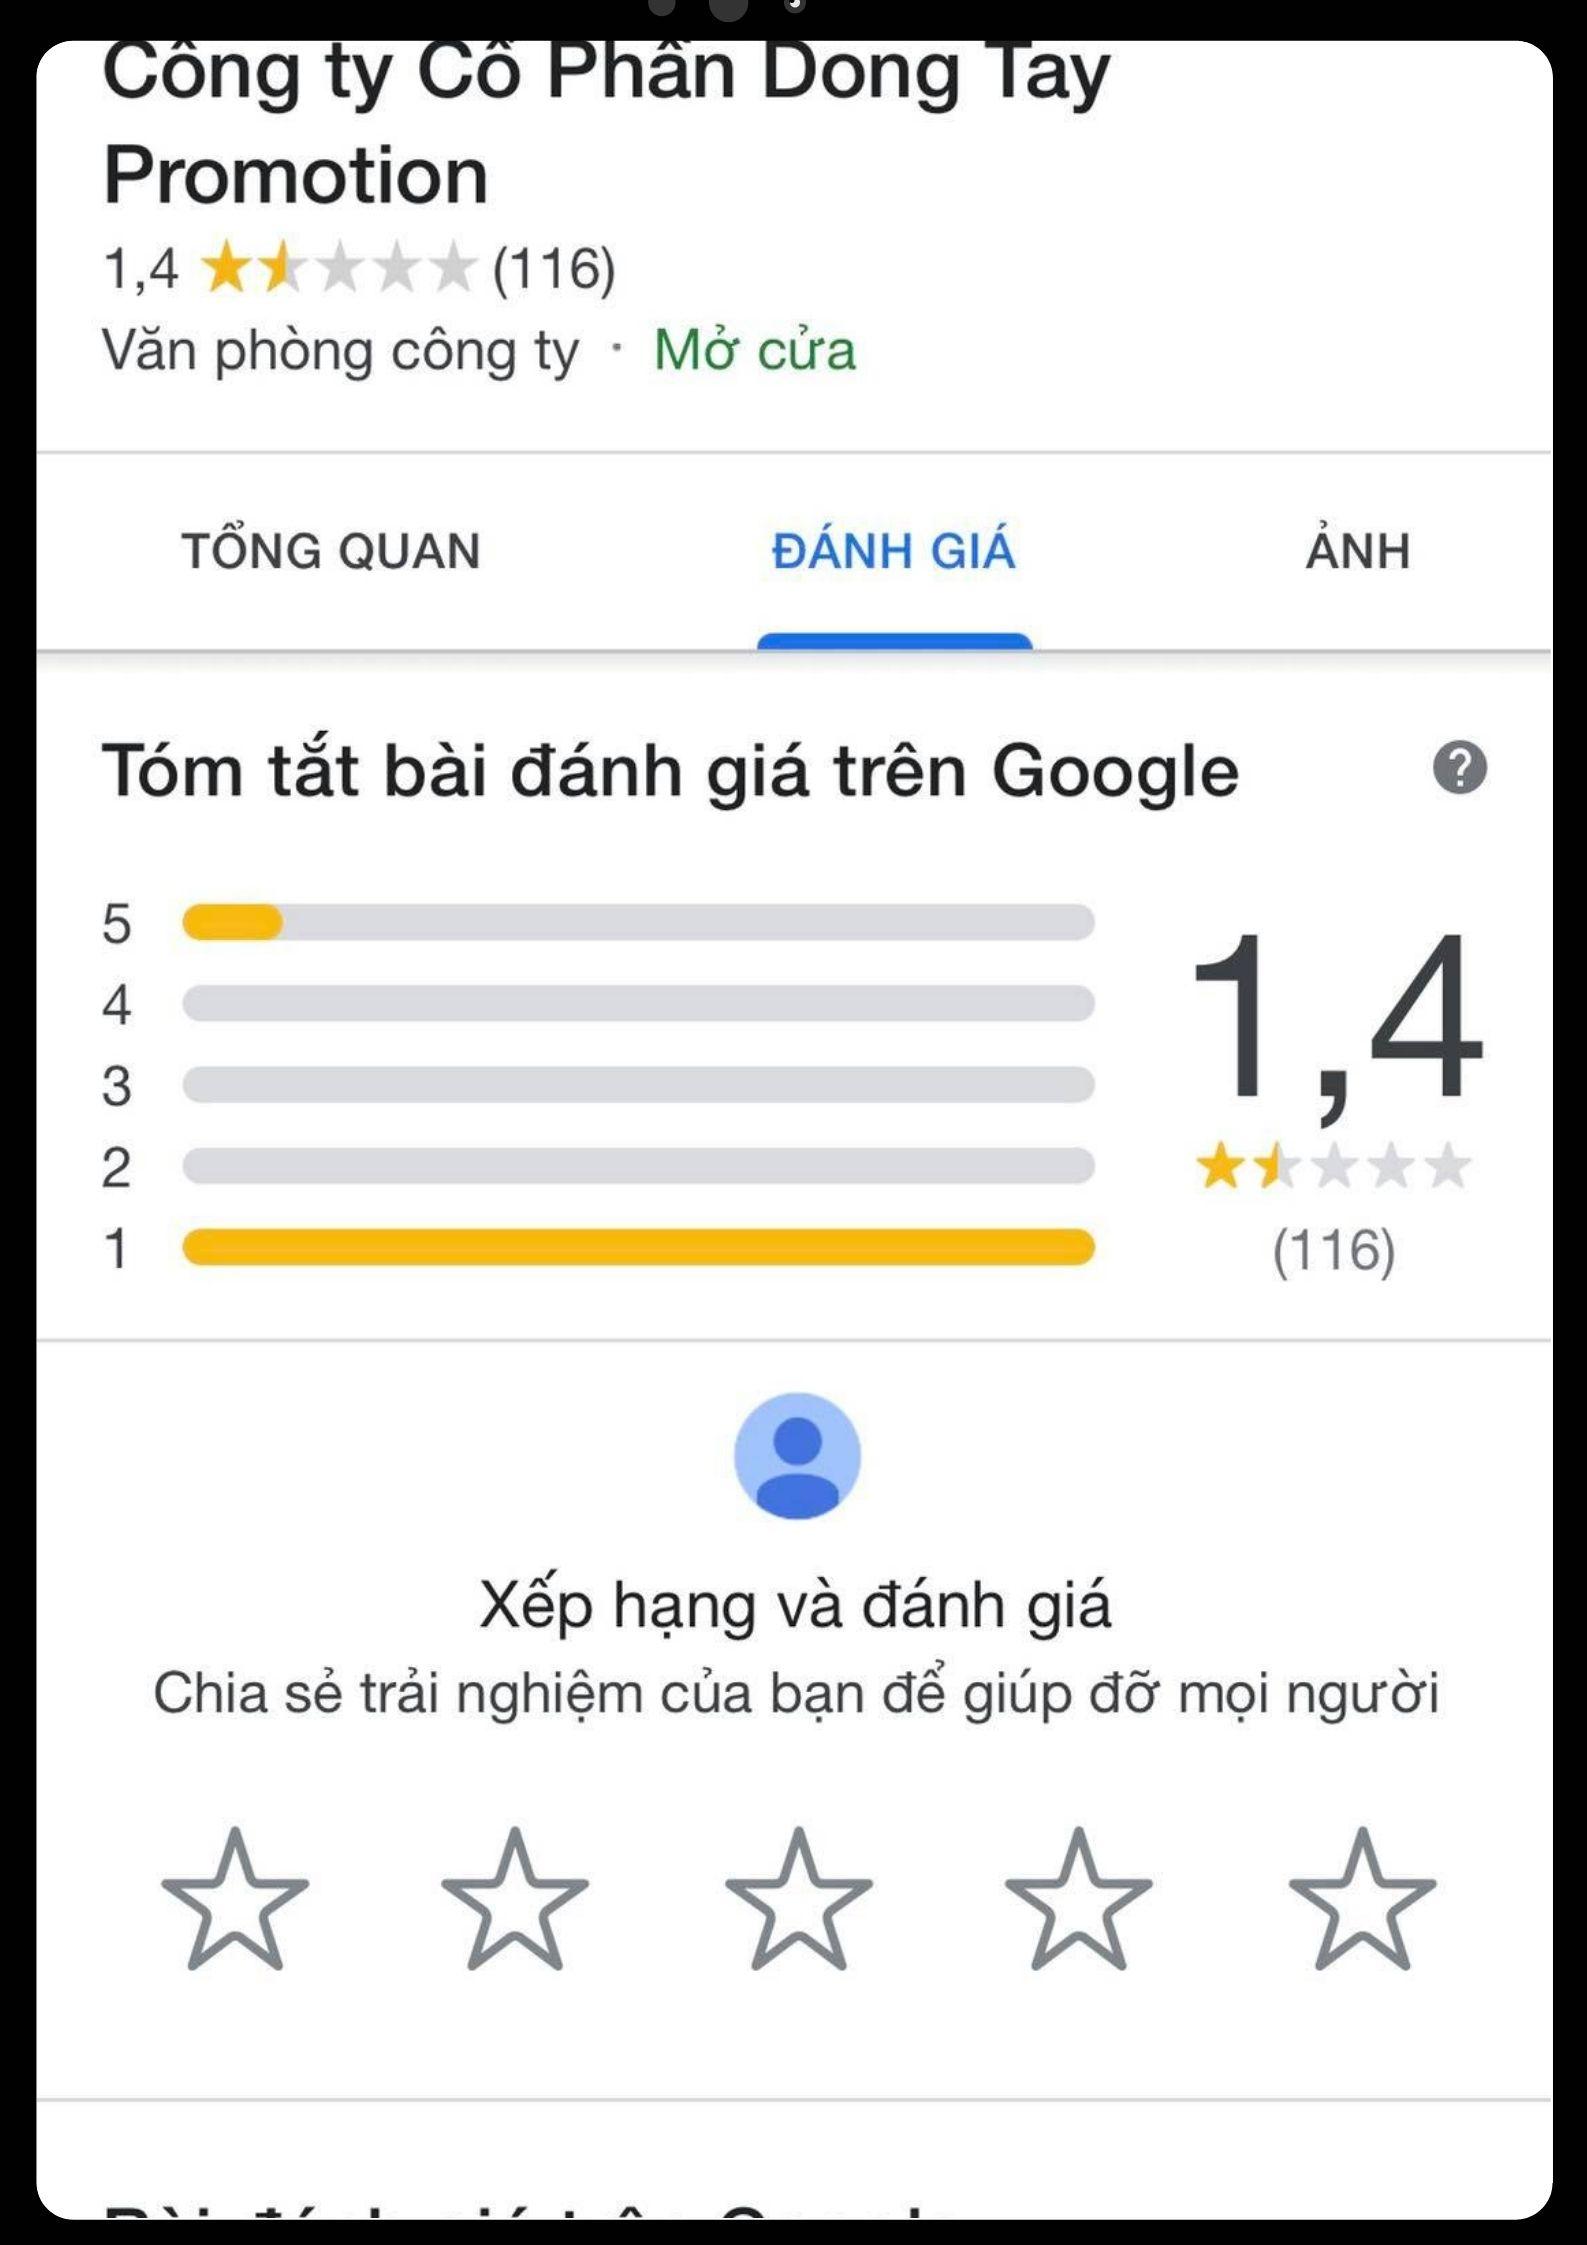 """Dân mạng đồng loạt vote 1 sao cho page của công ty sản xuất Running Man tại Việt Nam sau khi bị cho là có phát ngôn chửi khán giả là chó""""-4"""